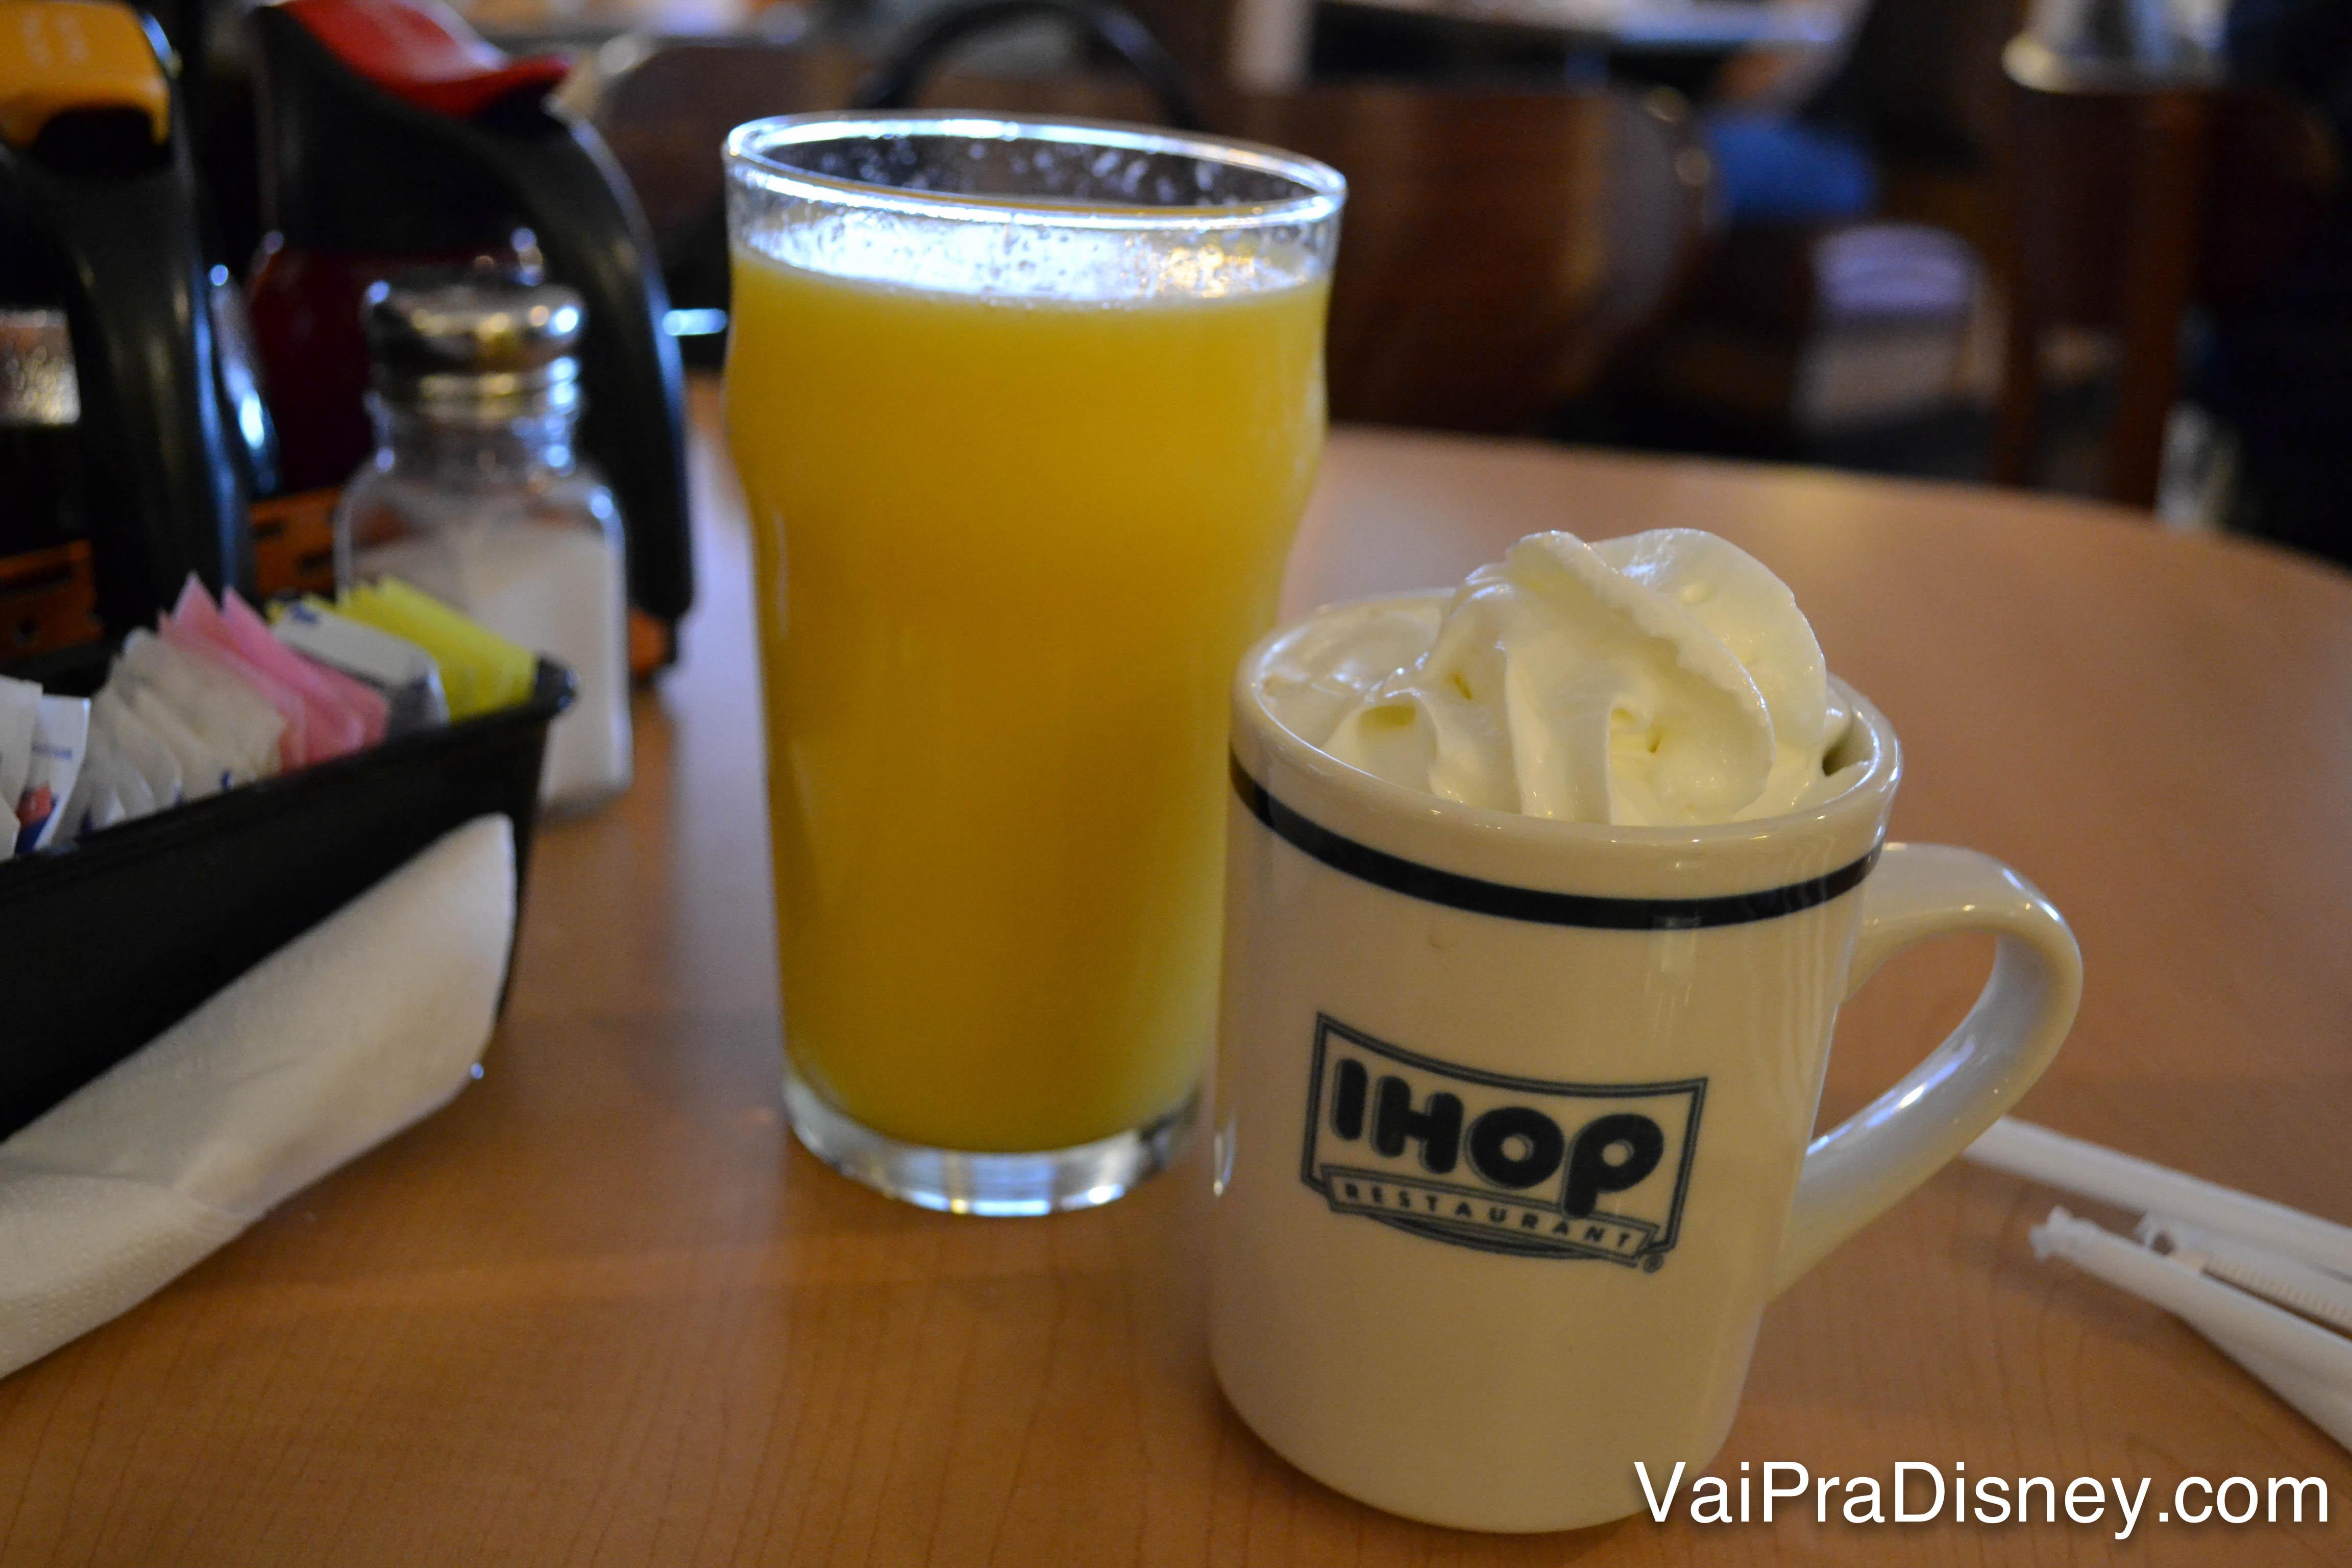 Foto de um suco de laranja no copo, ao lado de uma xícara de chocolate quente com chantilly em cima